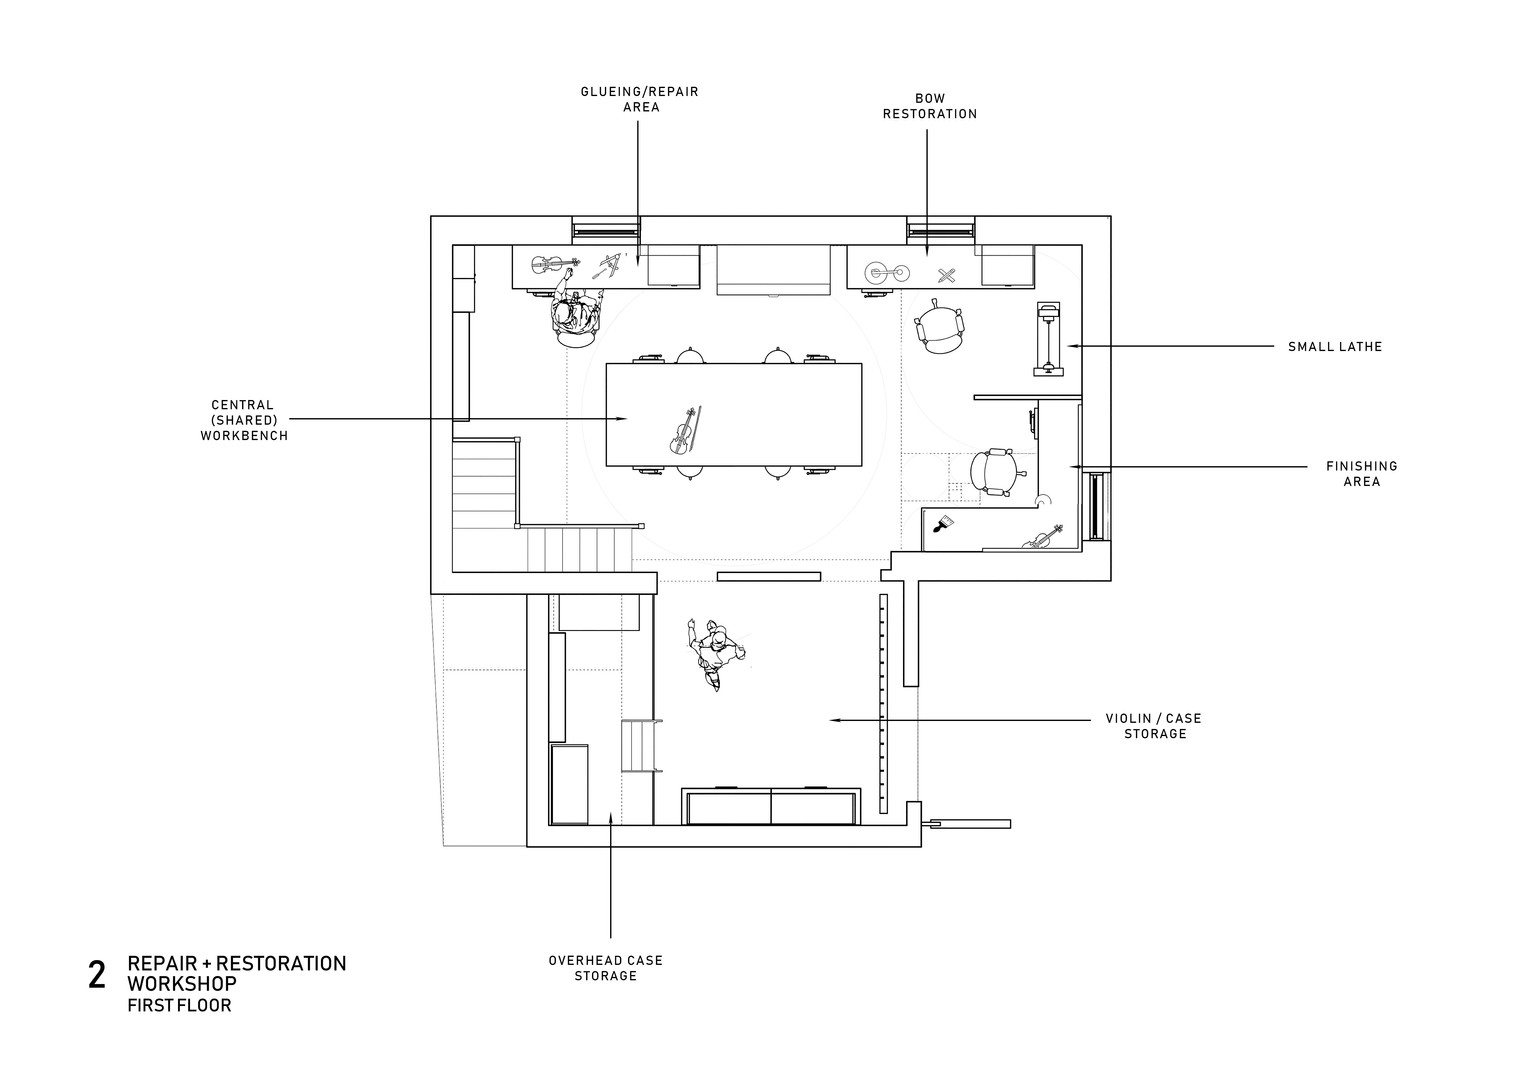 First Floor, Workshop